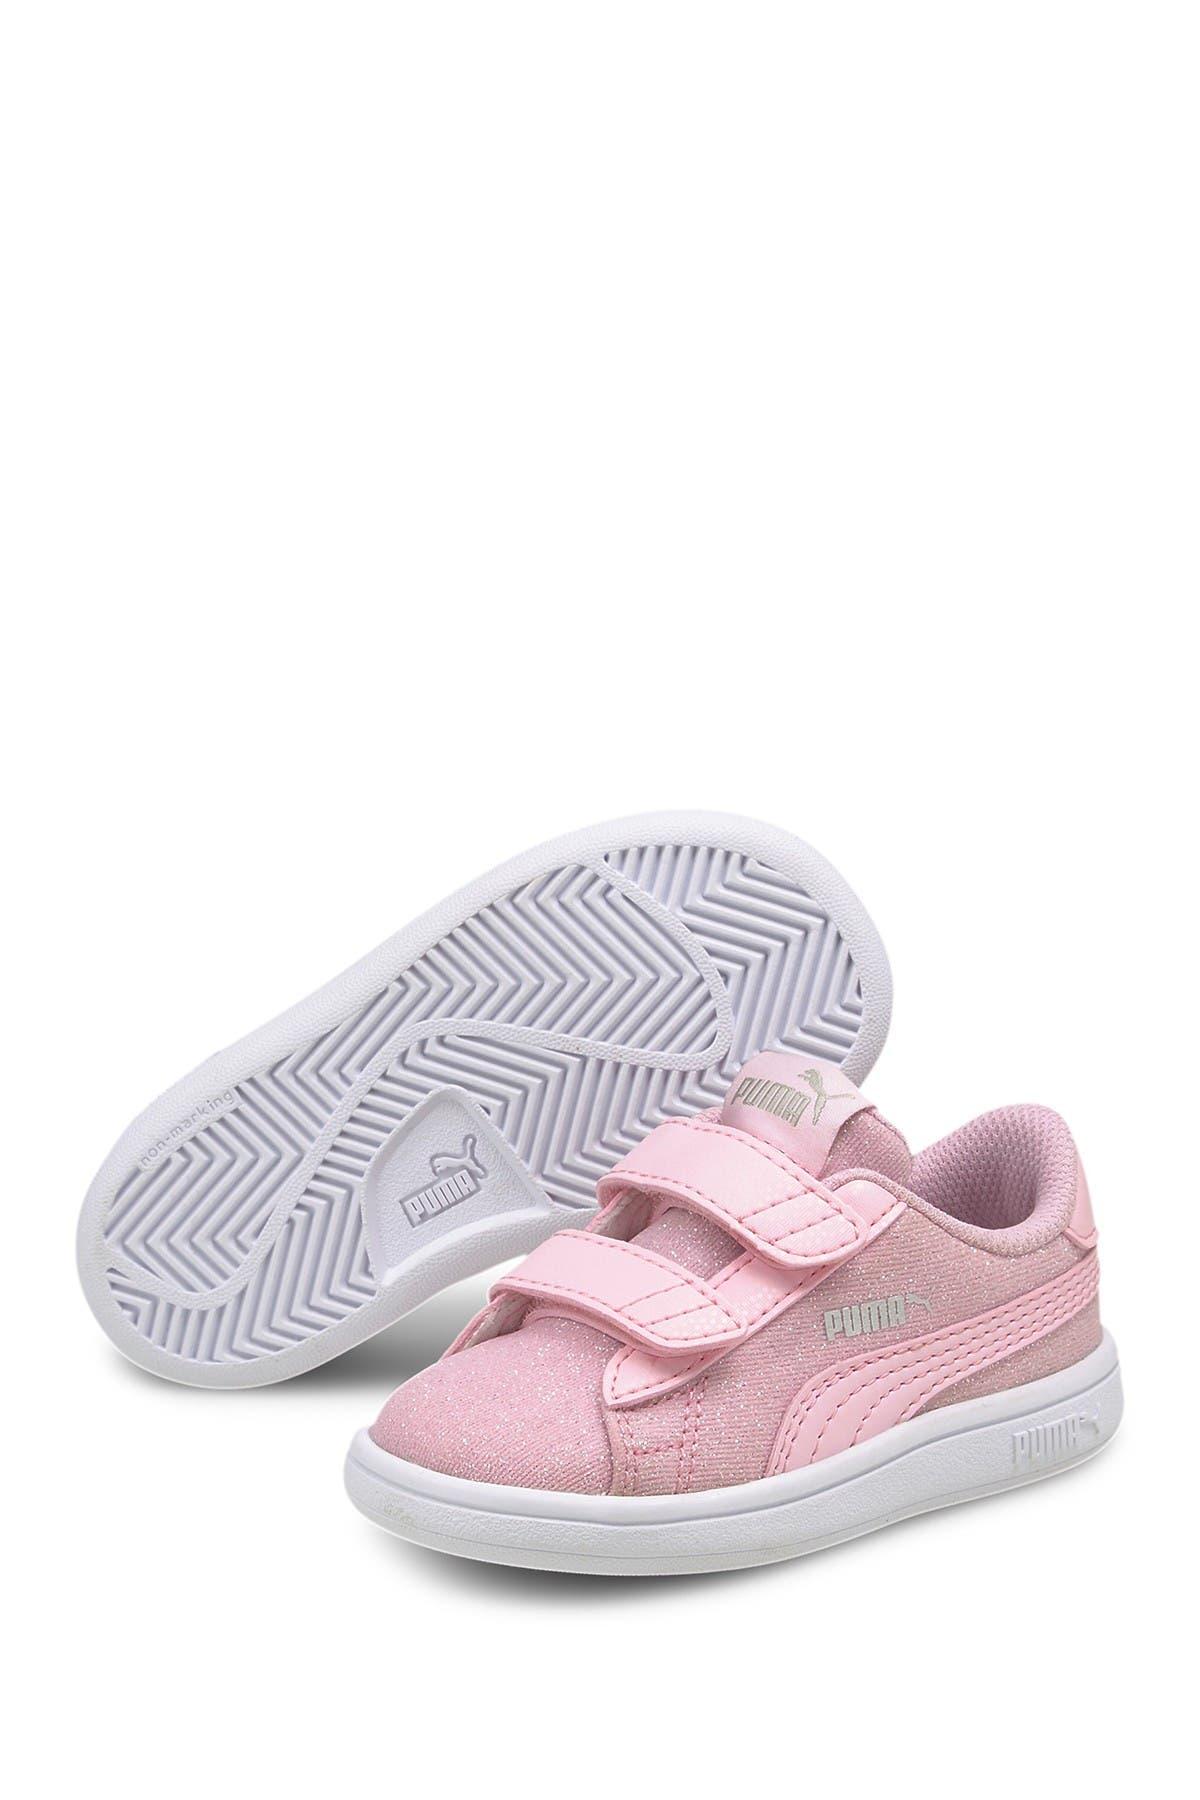 Image of PUMA Smash V2 Glitz Glam V Sneaker